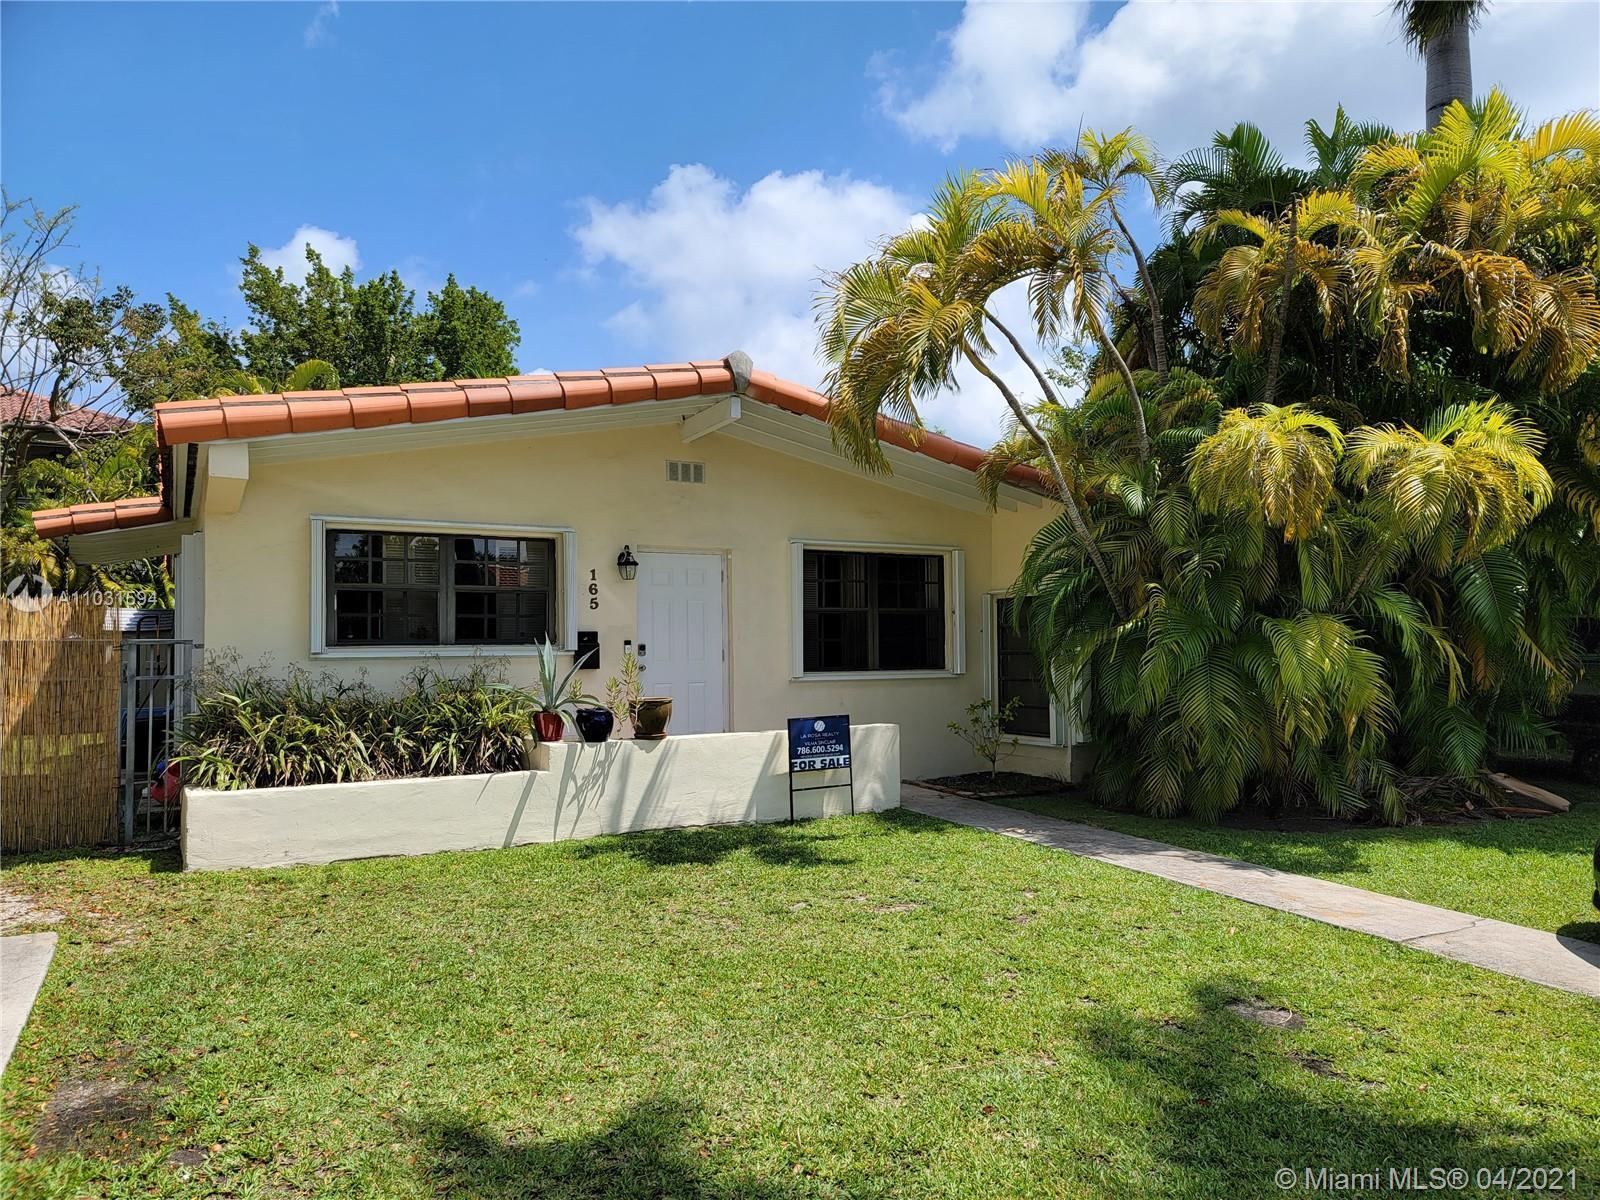 Tropical Isle Homes - 165 Hampton Ln, Key Biscayne, FL 33149